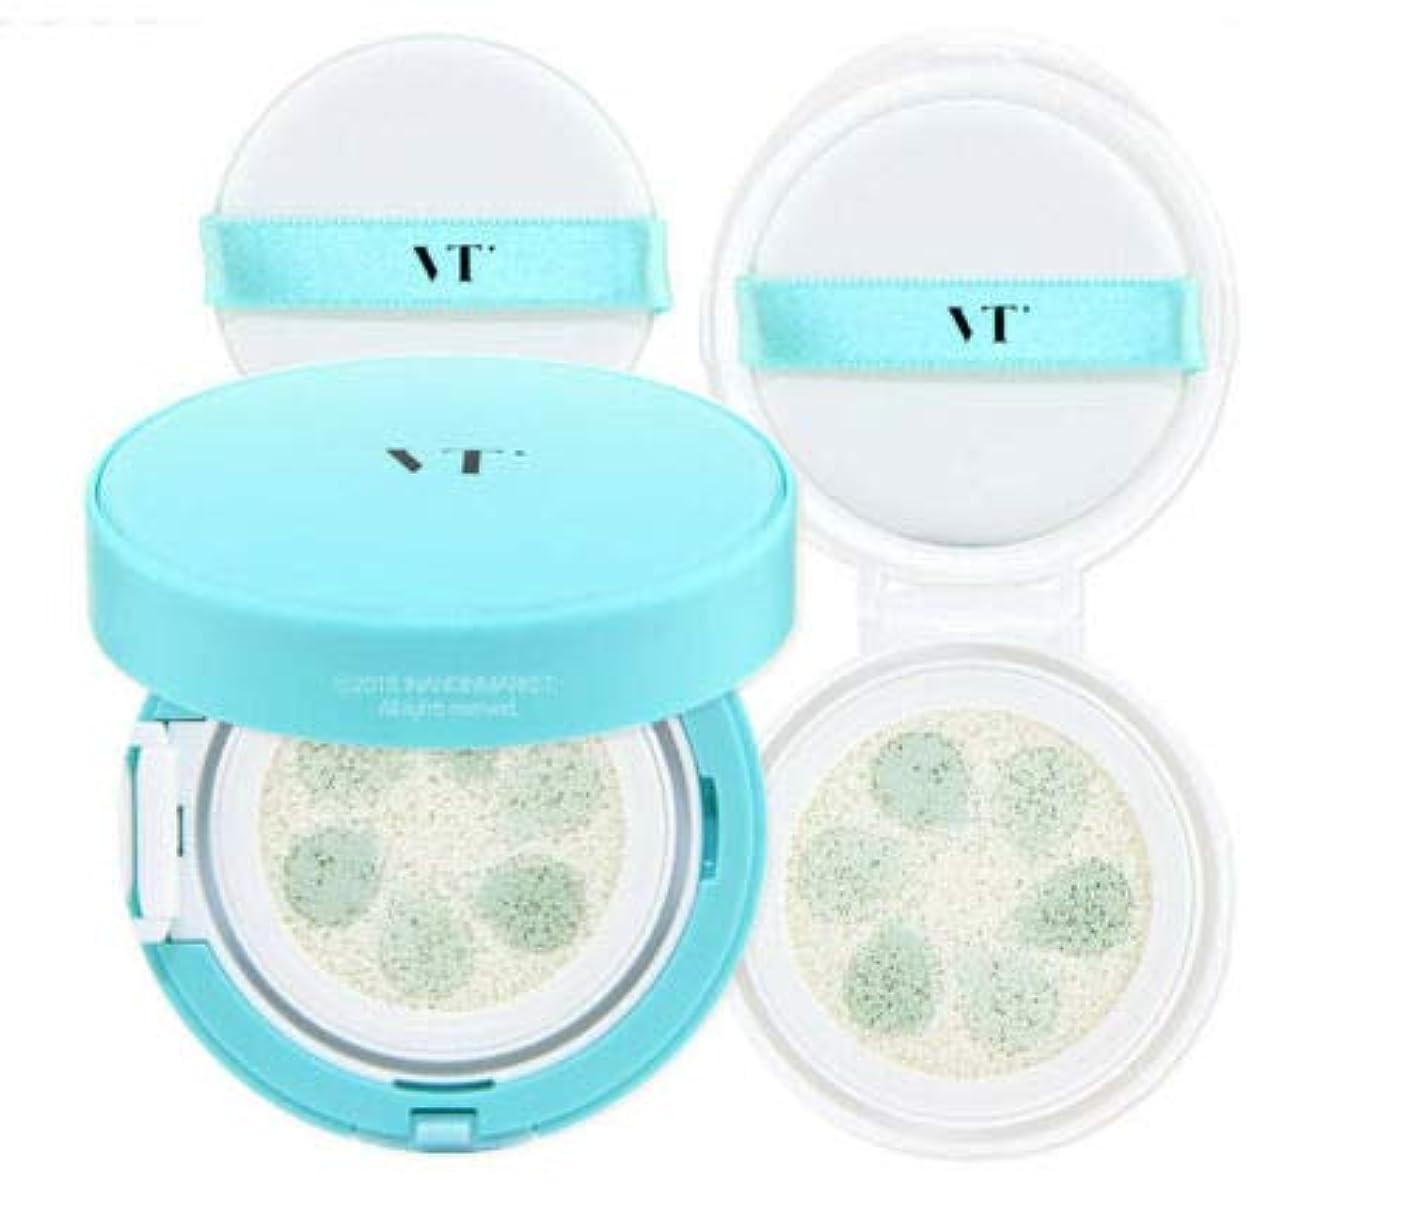 設計蓄積する稼ぐVT Cosmetic Phyto Sun Cushion サンクッション 本品11g + リフィール11g, SPF50+/PA++++